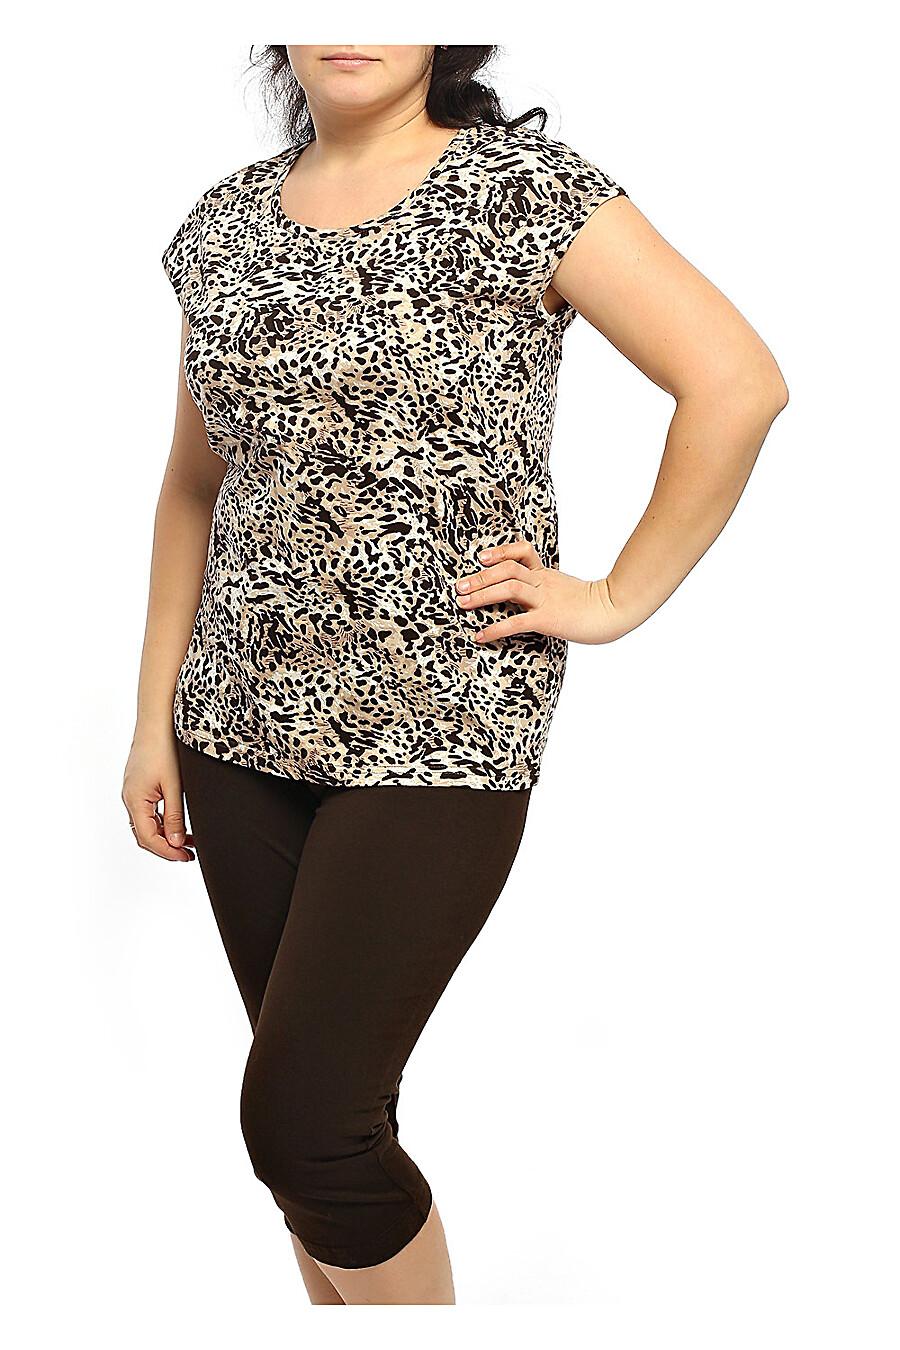 Комплект (футболка+бриджи) для женщин CLEVER 175879 купить оптом от производителя. Совместная покупка женской одежды в OptMoyo